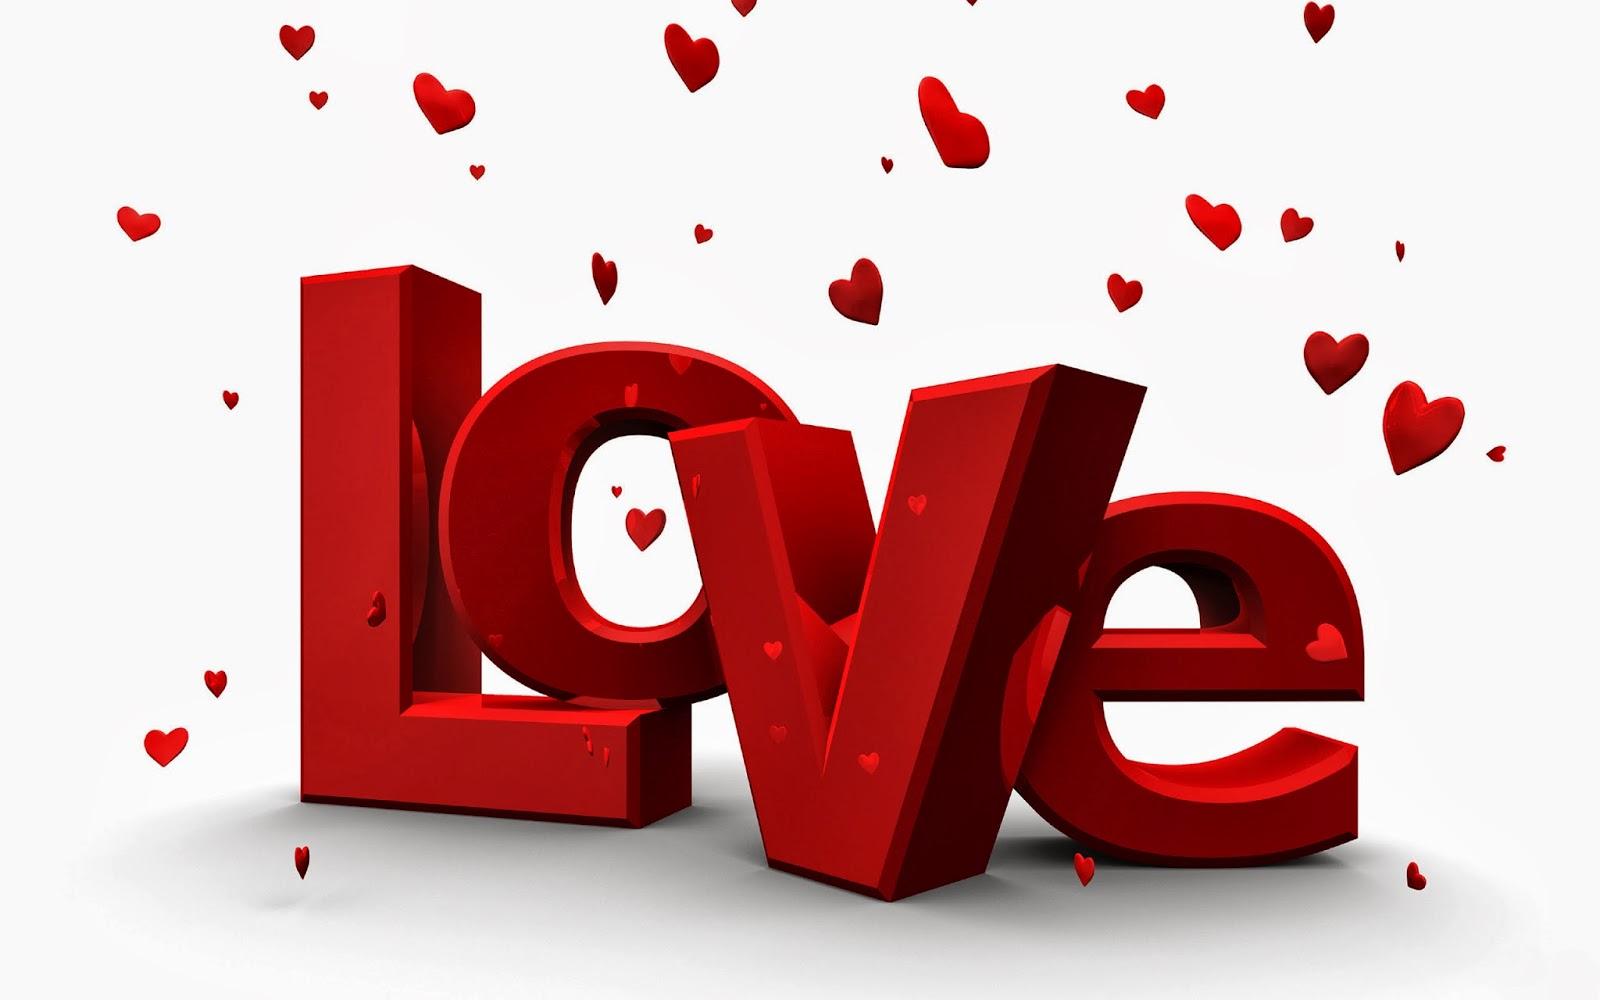 Fondos De Pantalla San Valentin Gratis: Descarga Fondos HD: Fondo De Pantalla Dia De